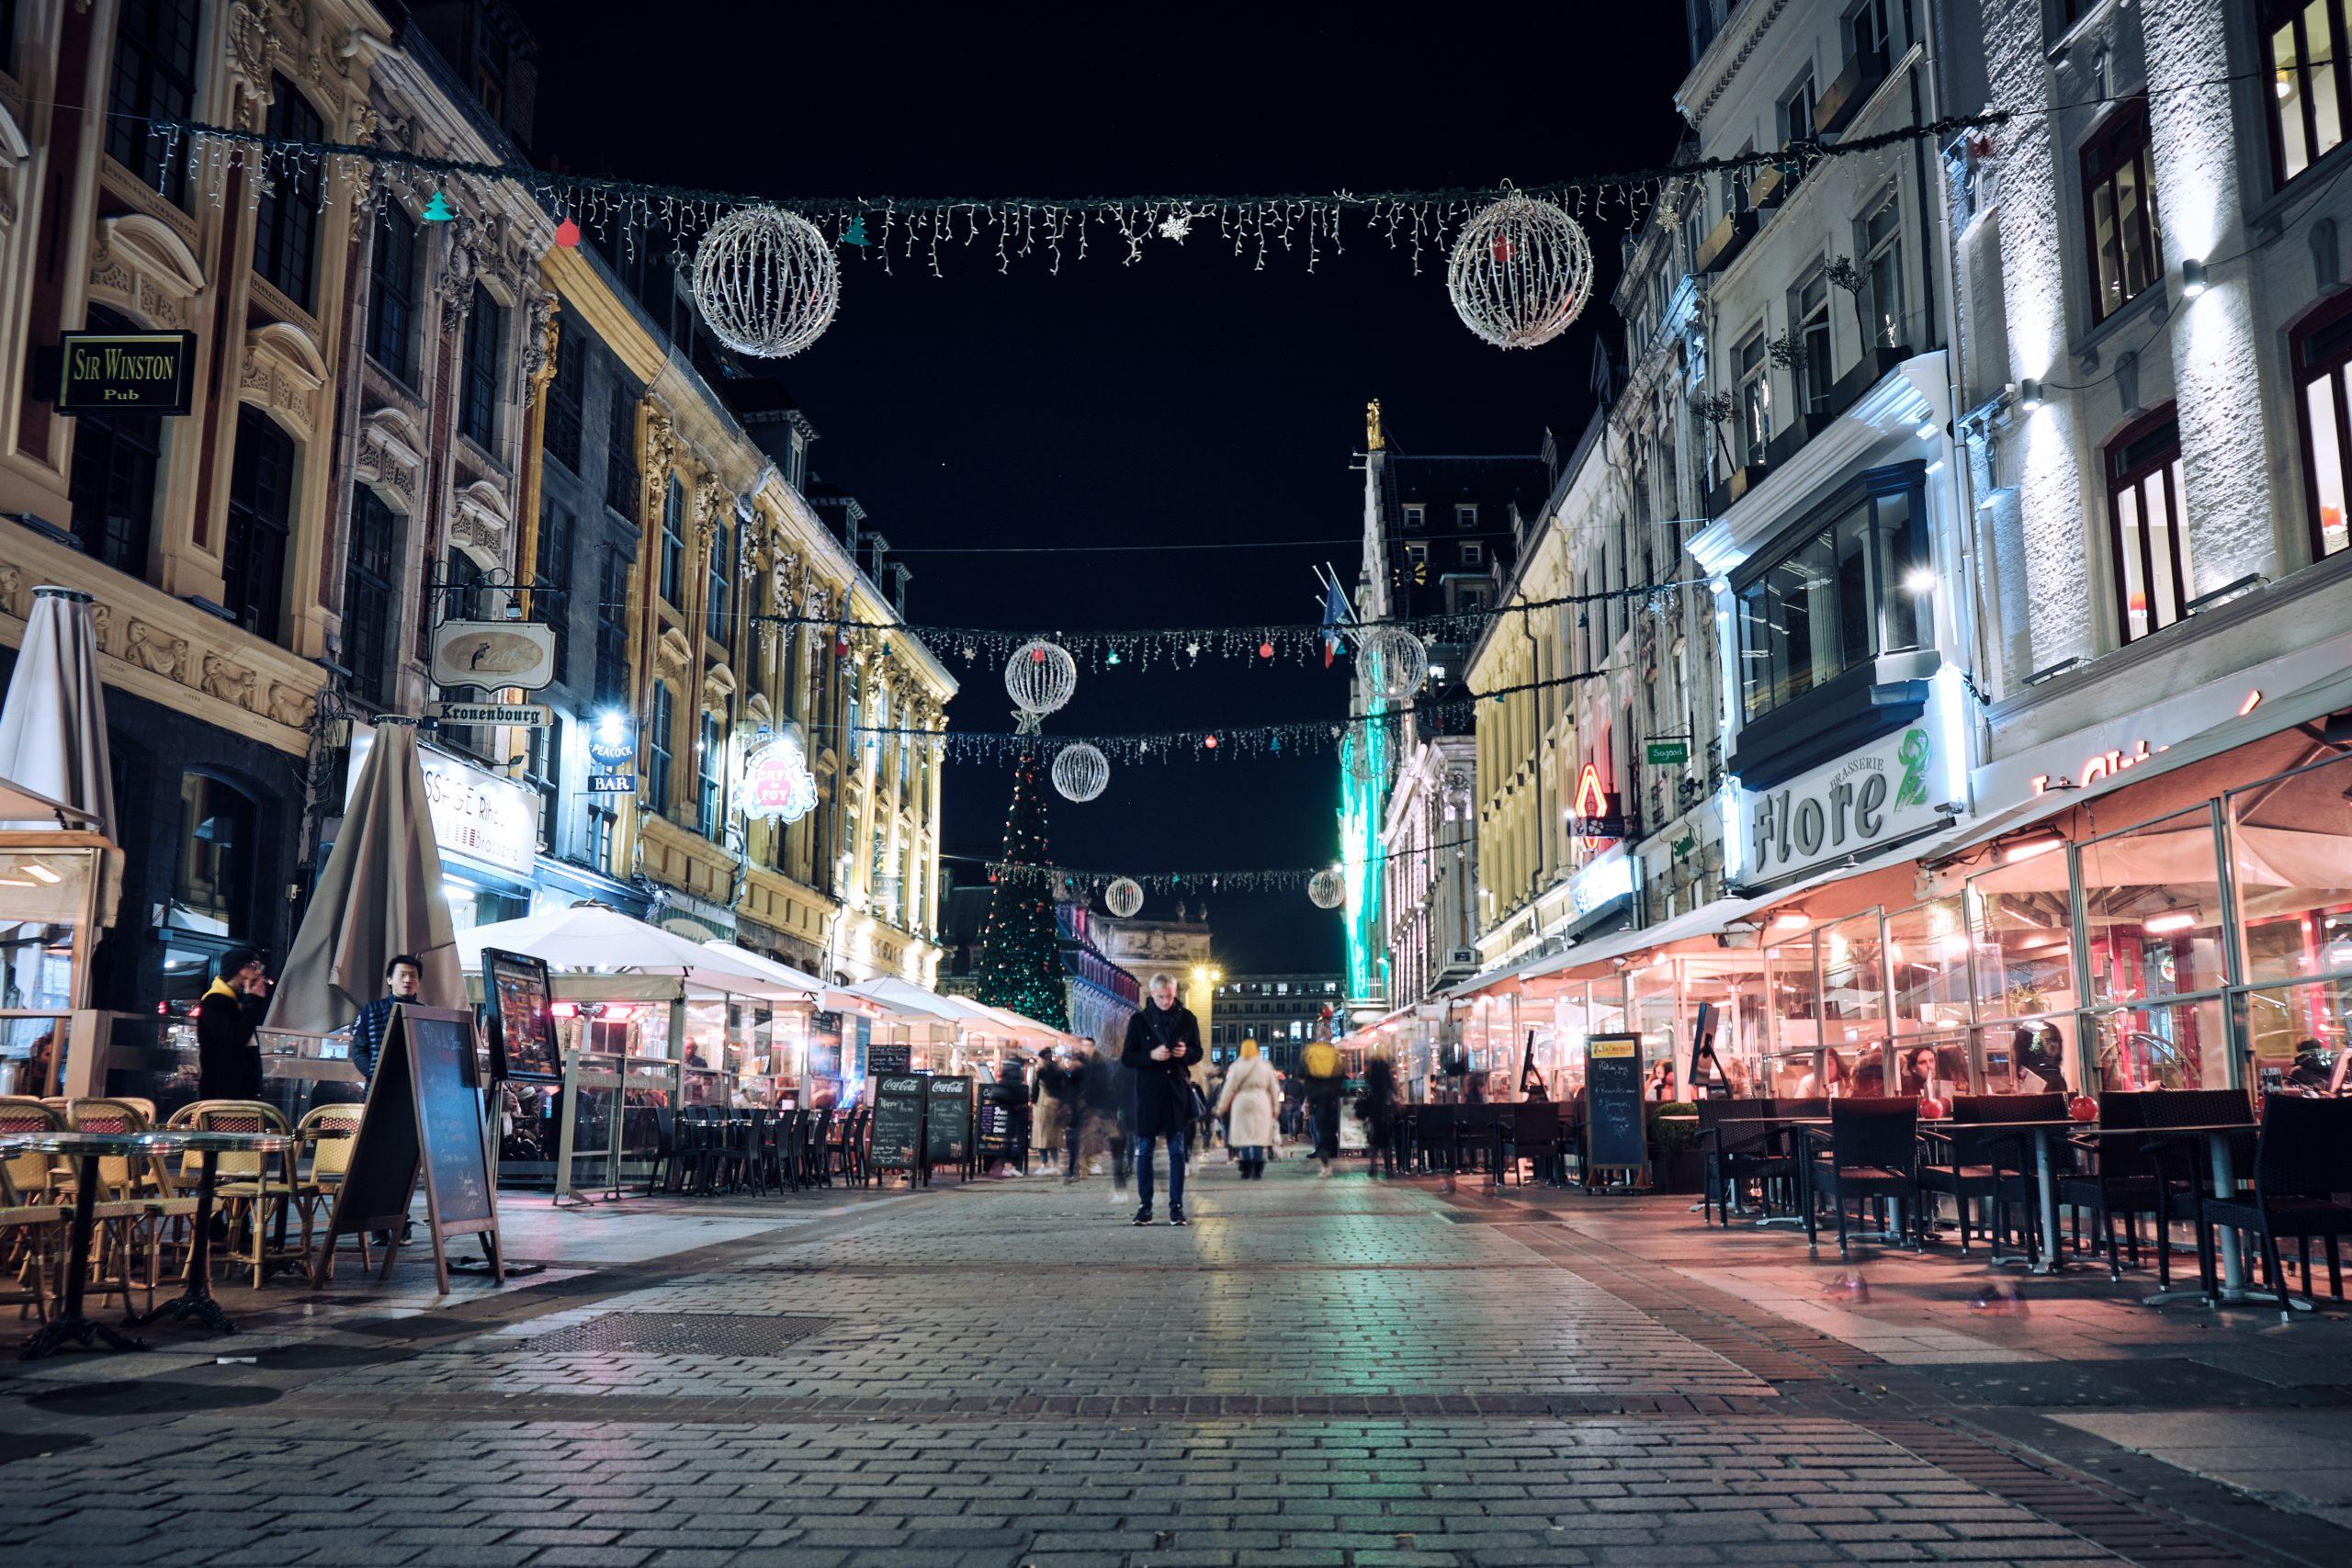 Noël, Lille